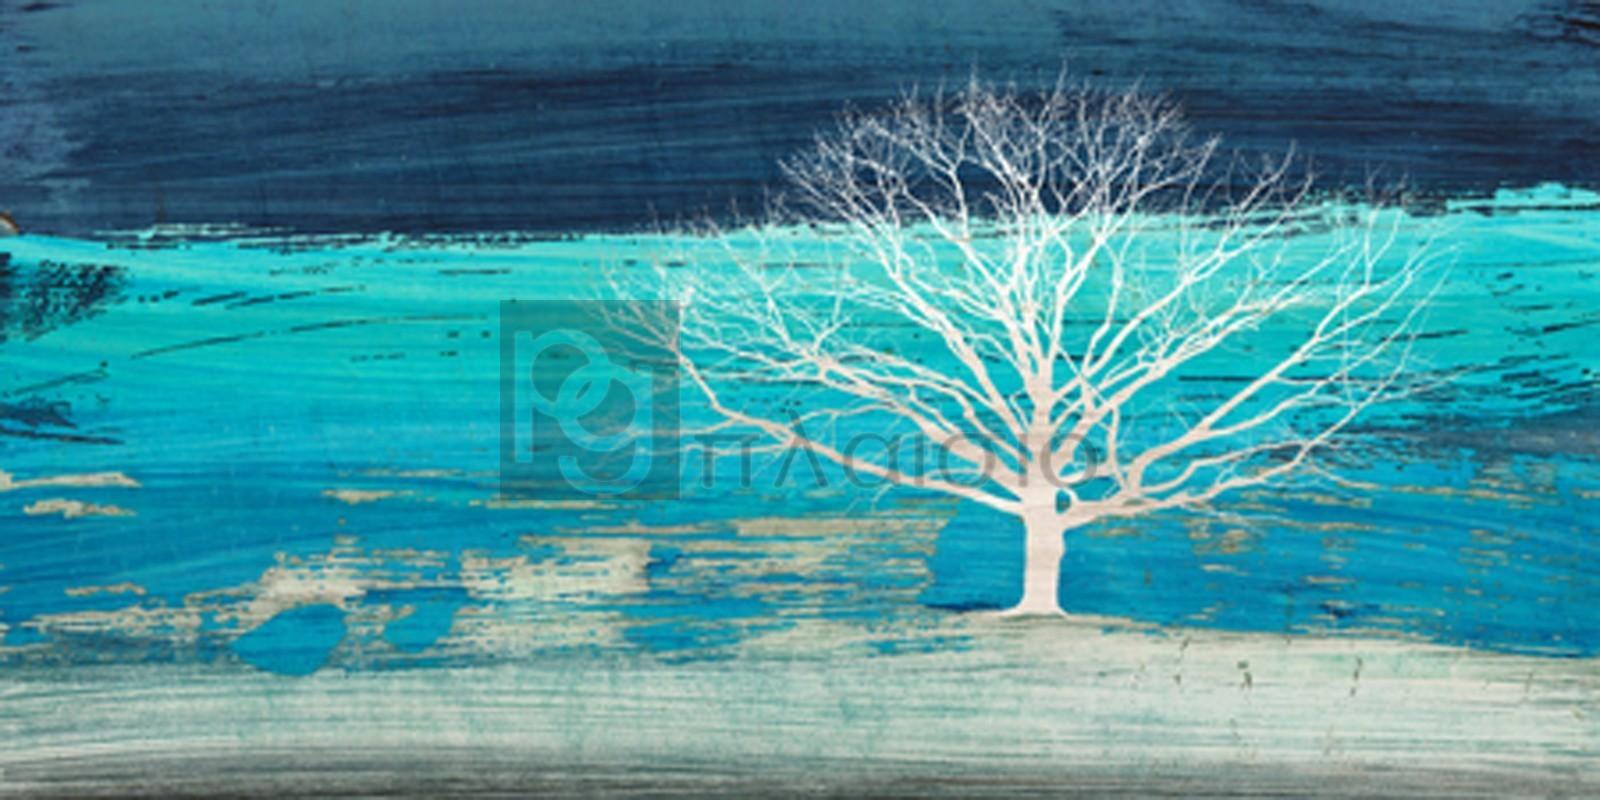 Alessio Aprile - Treescape 3 (Azure)